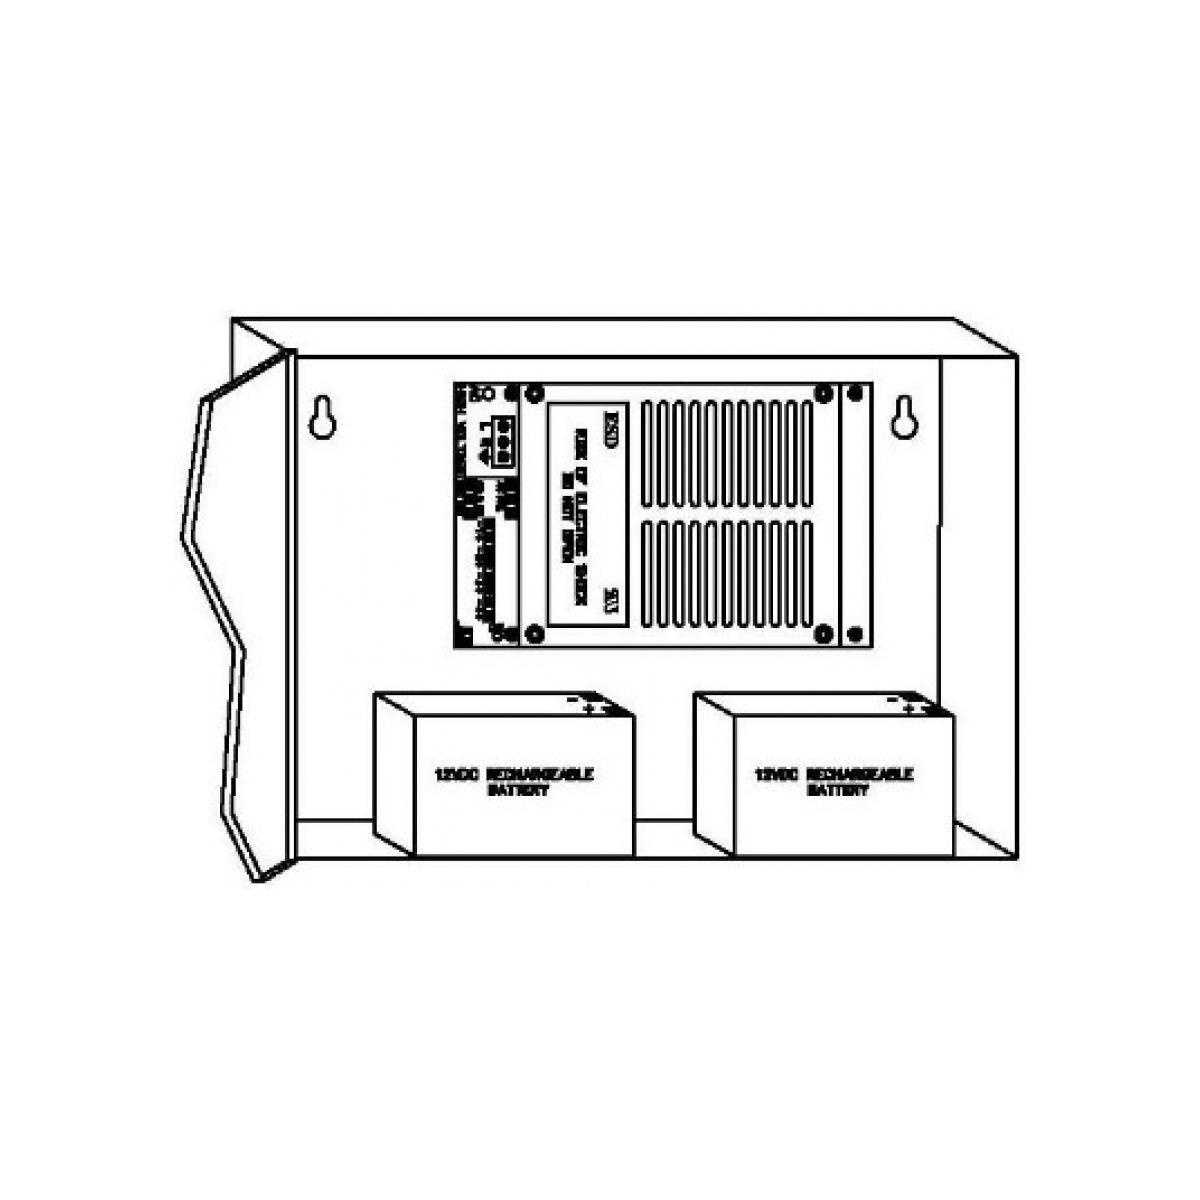 alpha communications u2122 a